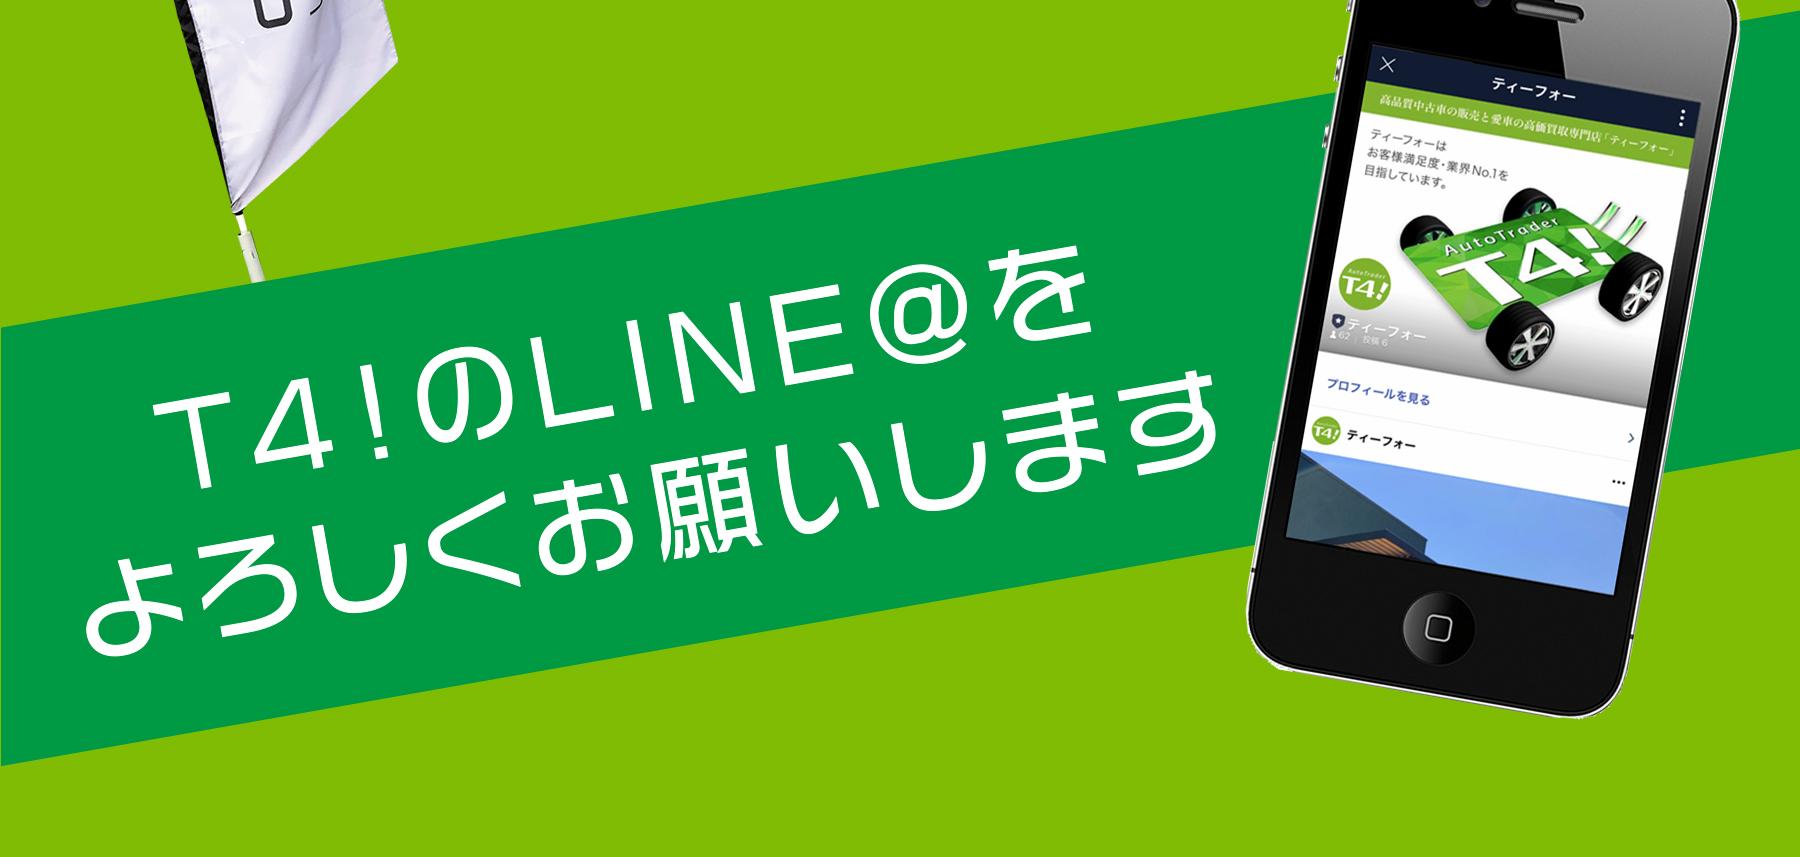 T4!のLINE@をよろしくお願いします